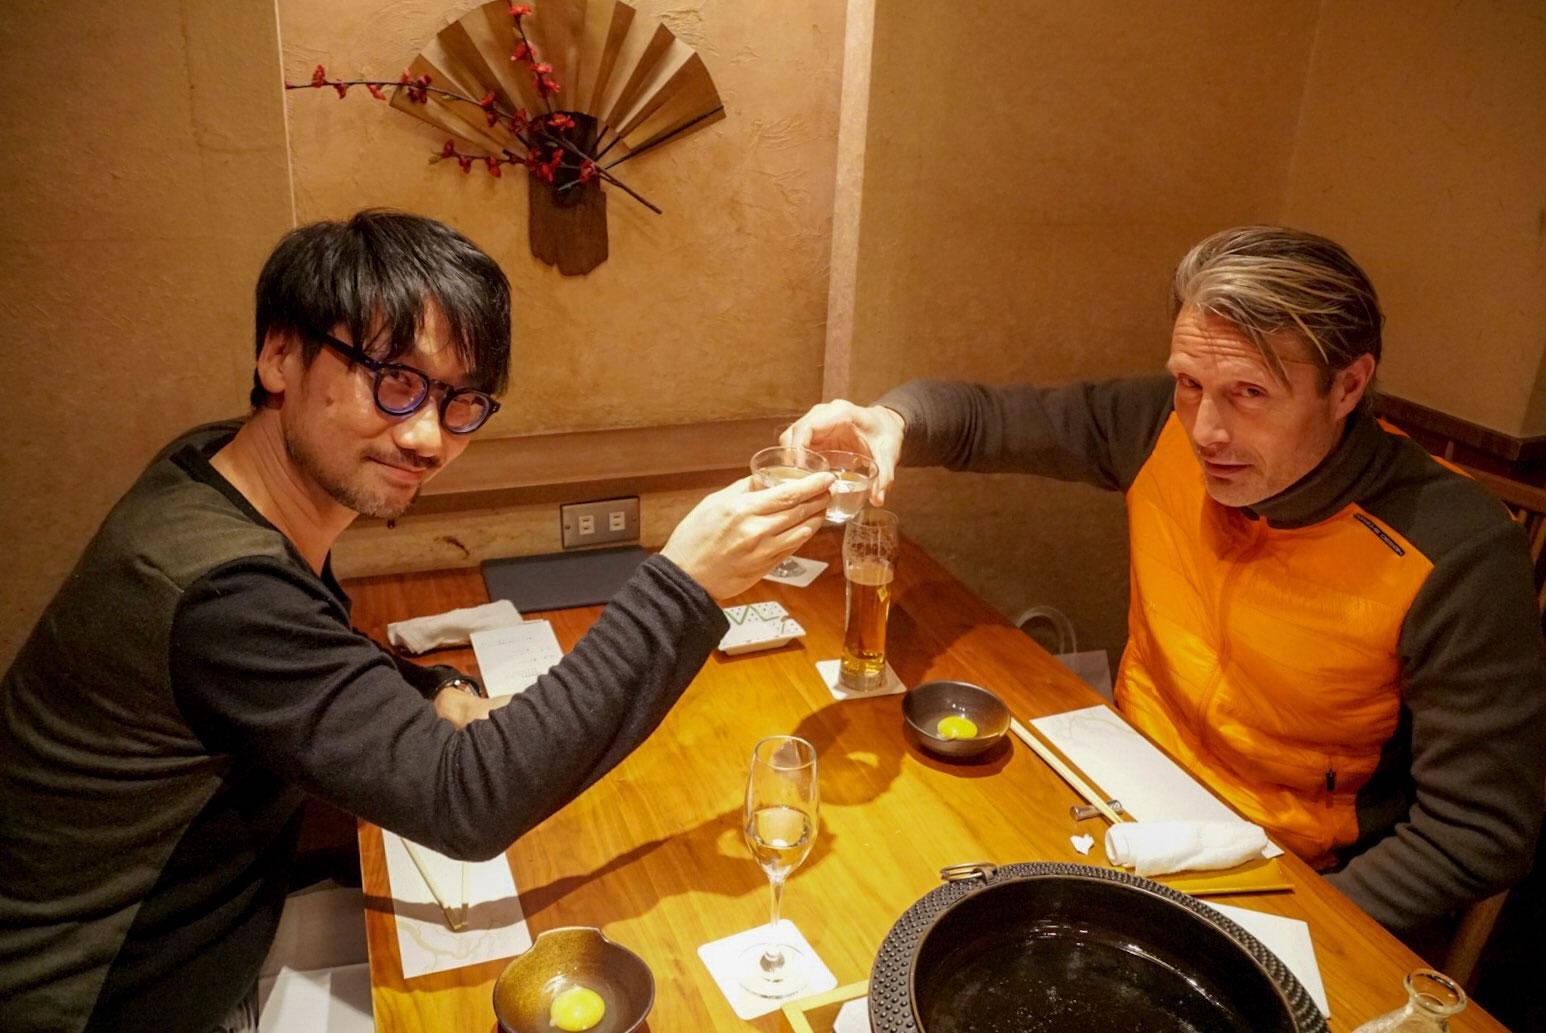 Hideo Kojima et Mads Mikkelsen, le 1er décembre 2017